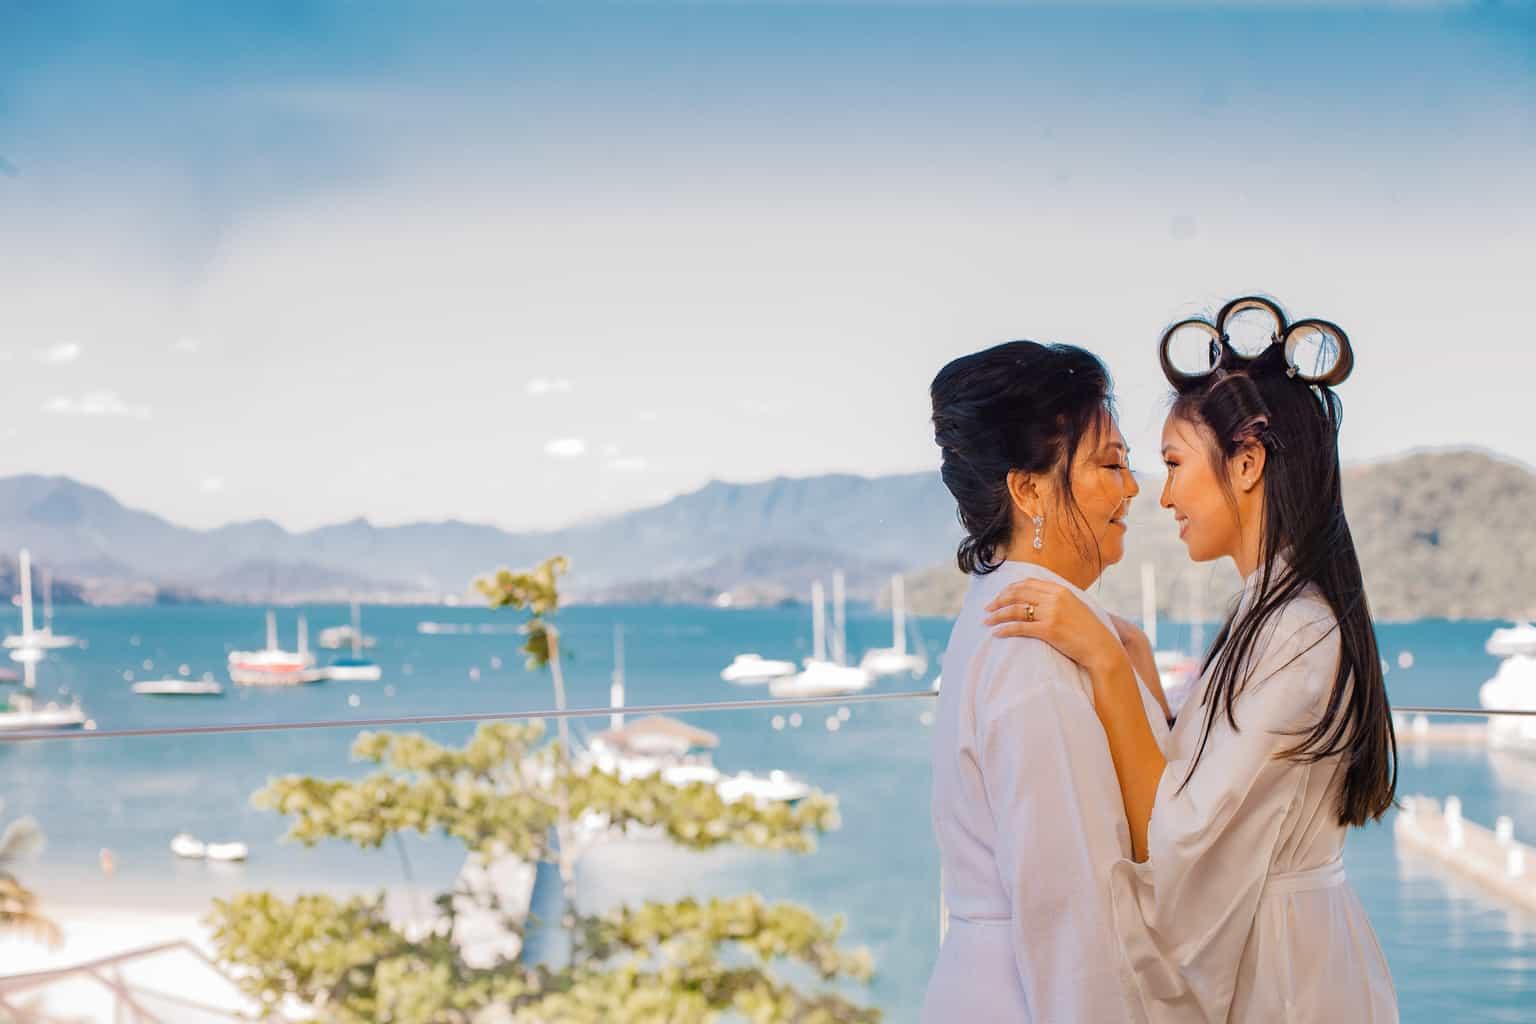 Casamento-Alissa-e-Gustavo-Cerimonial-Manu-Goncalez-Decor-Andrea-Kapps-Fasano-Angra-dos-Reis-Foto-VRebel-G-Junior-Making-of1122